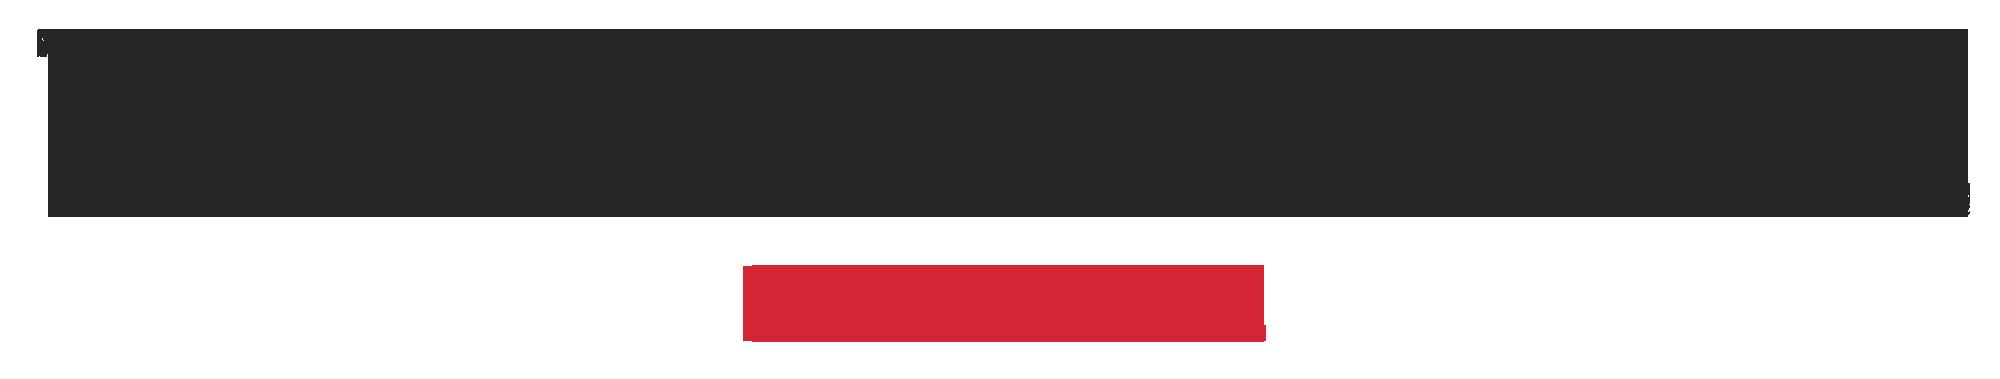 Trasparenze Festival